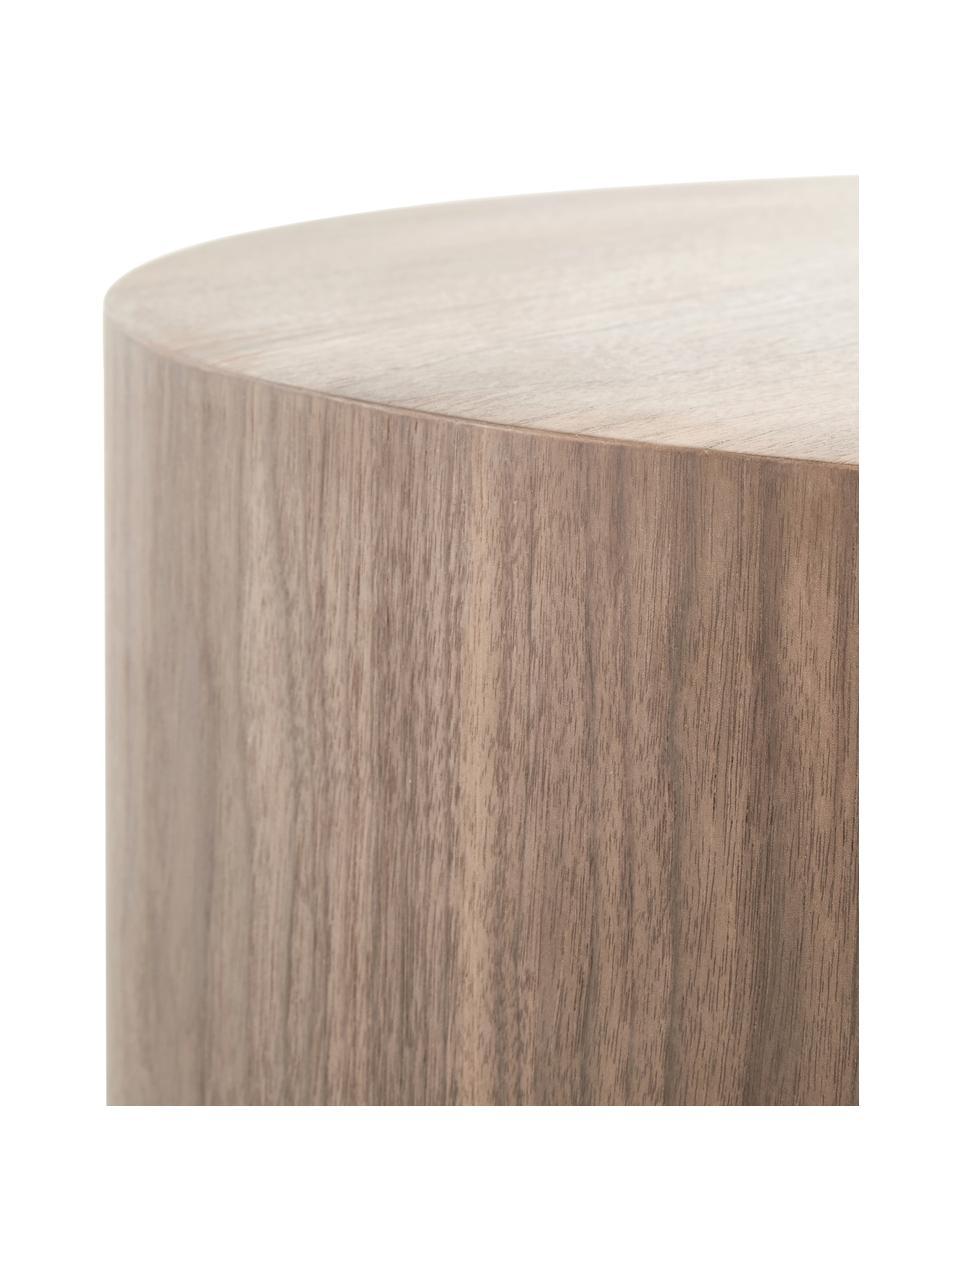 Runder Beistelltisch Clarice in Walnussfarben, Korpus: Mitteldichte Holzfaserpla, Fuß: Metall, beschichtet, Walnussholzfurnier, Ø 40 x H 50 cm